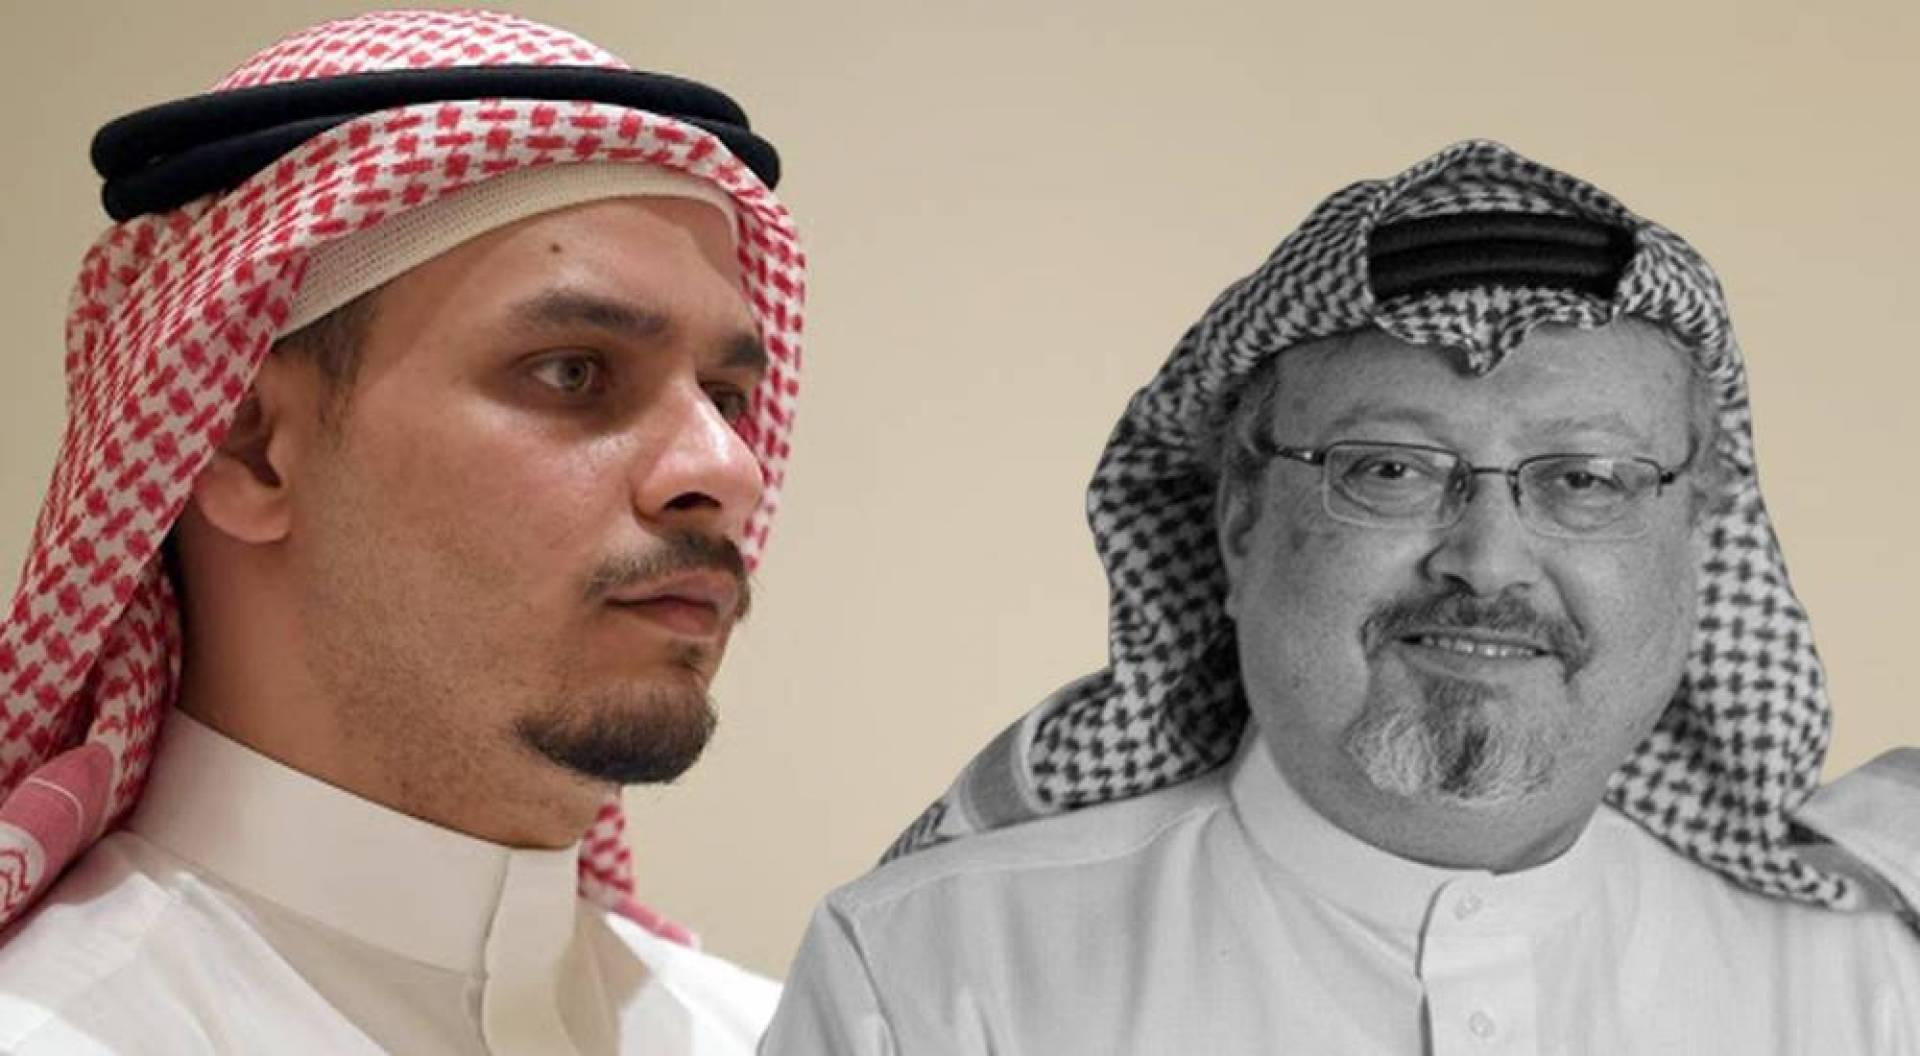 أبناء جمال خاشقجي: عفونا عن من قتل والدنا لوجه الله تعالى